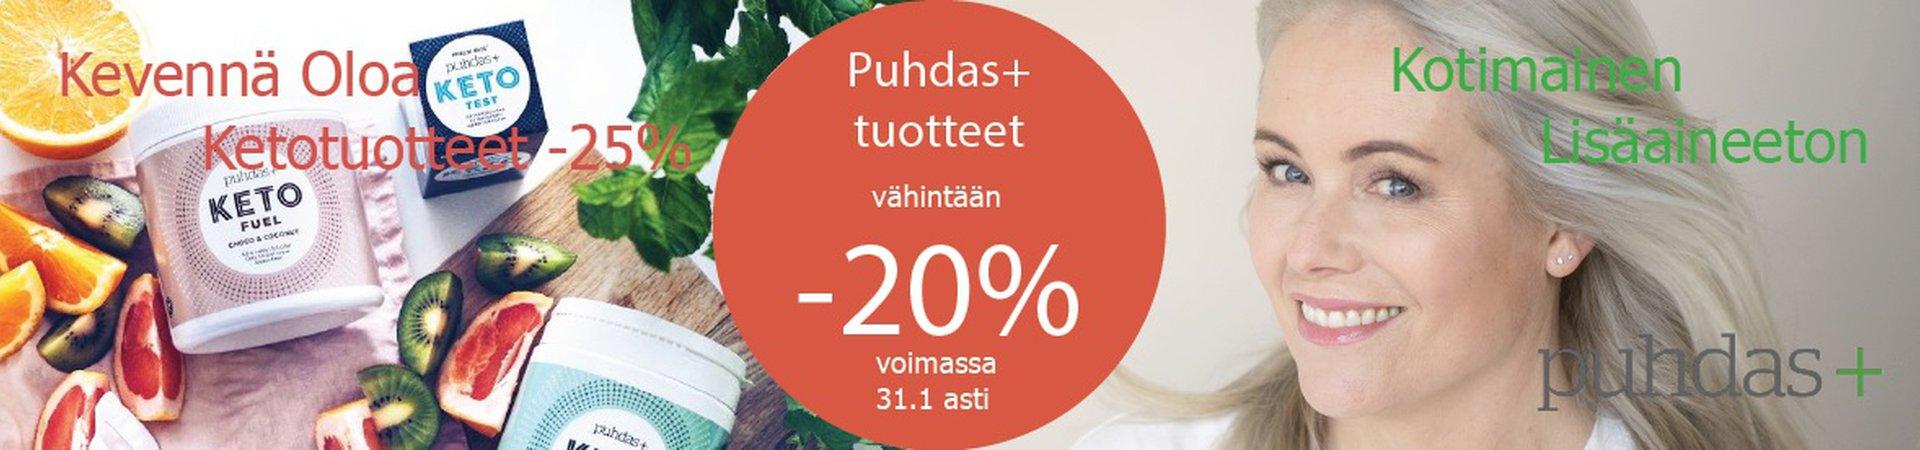 Puhdas + tuotteet - 20%